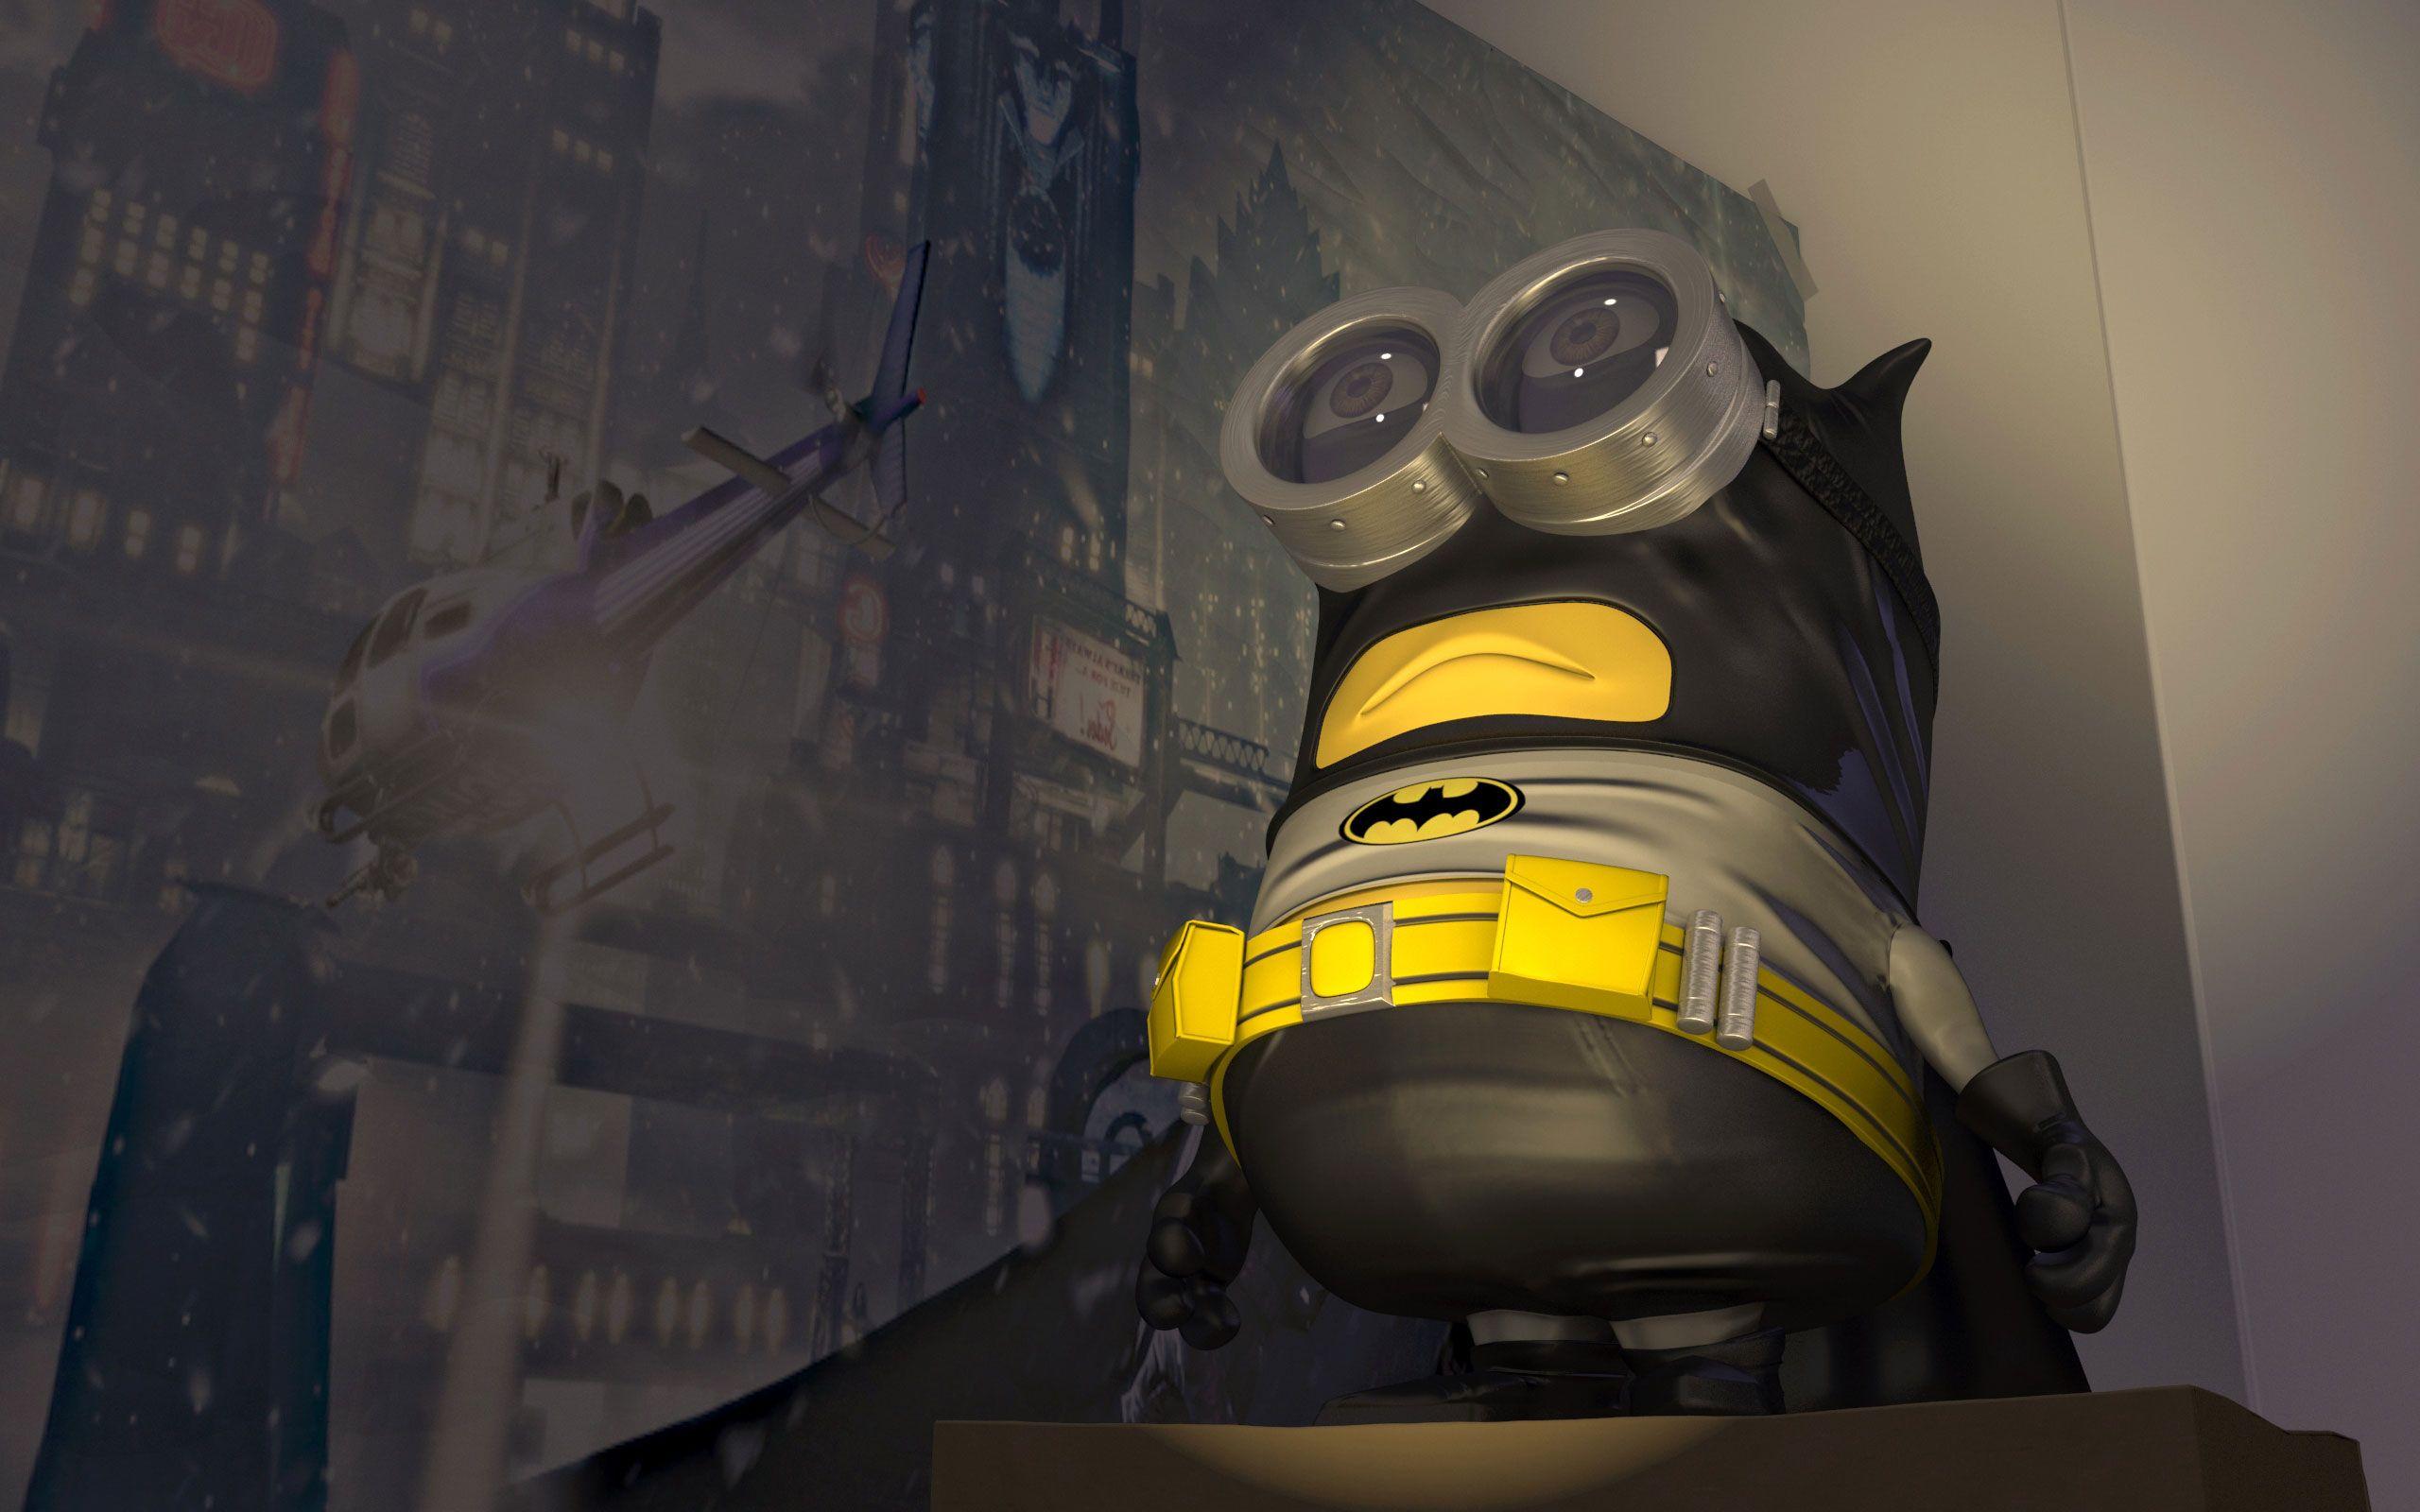 Bat-man-Minion-1.jpg 2,560×1,600 pixels